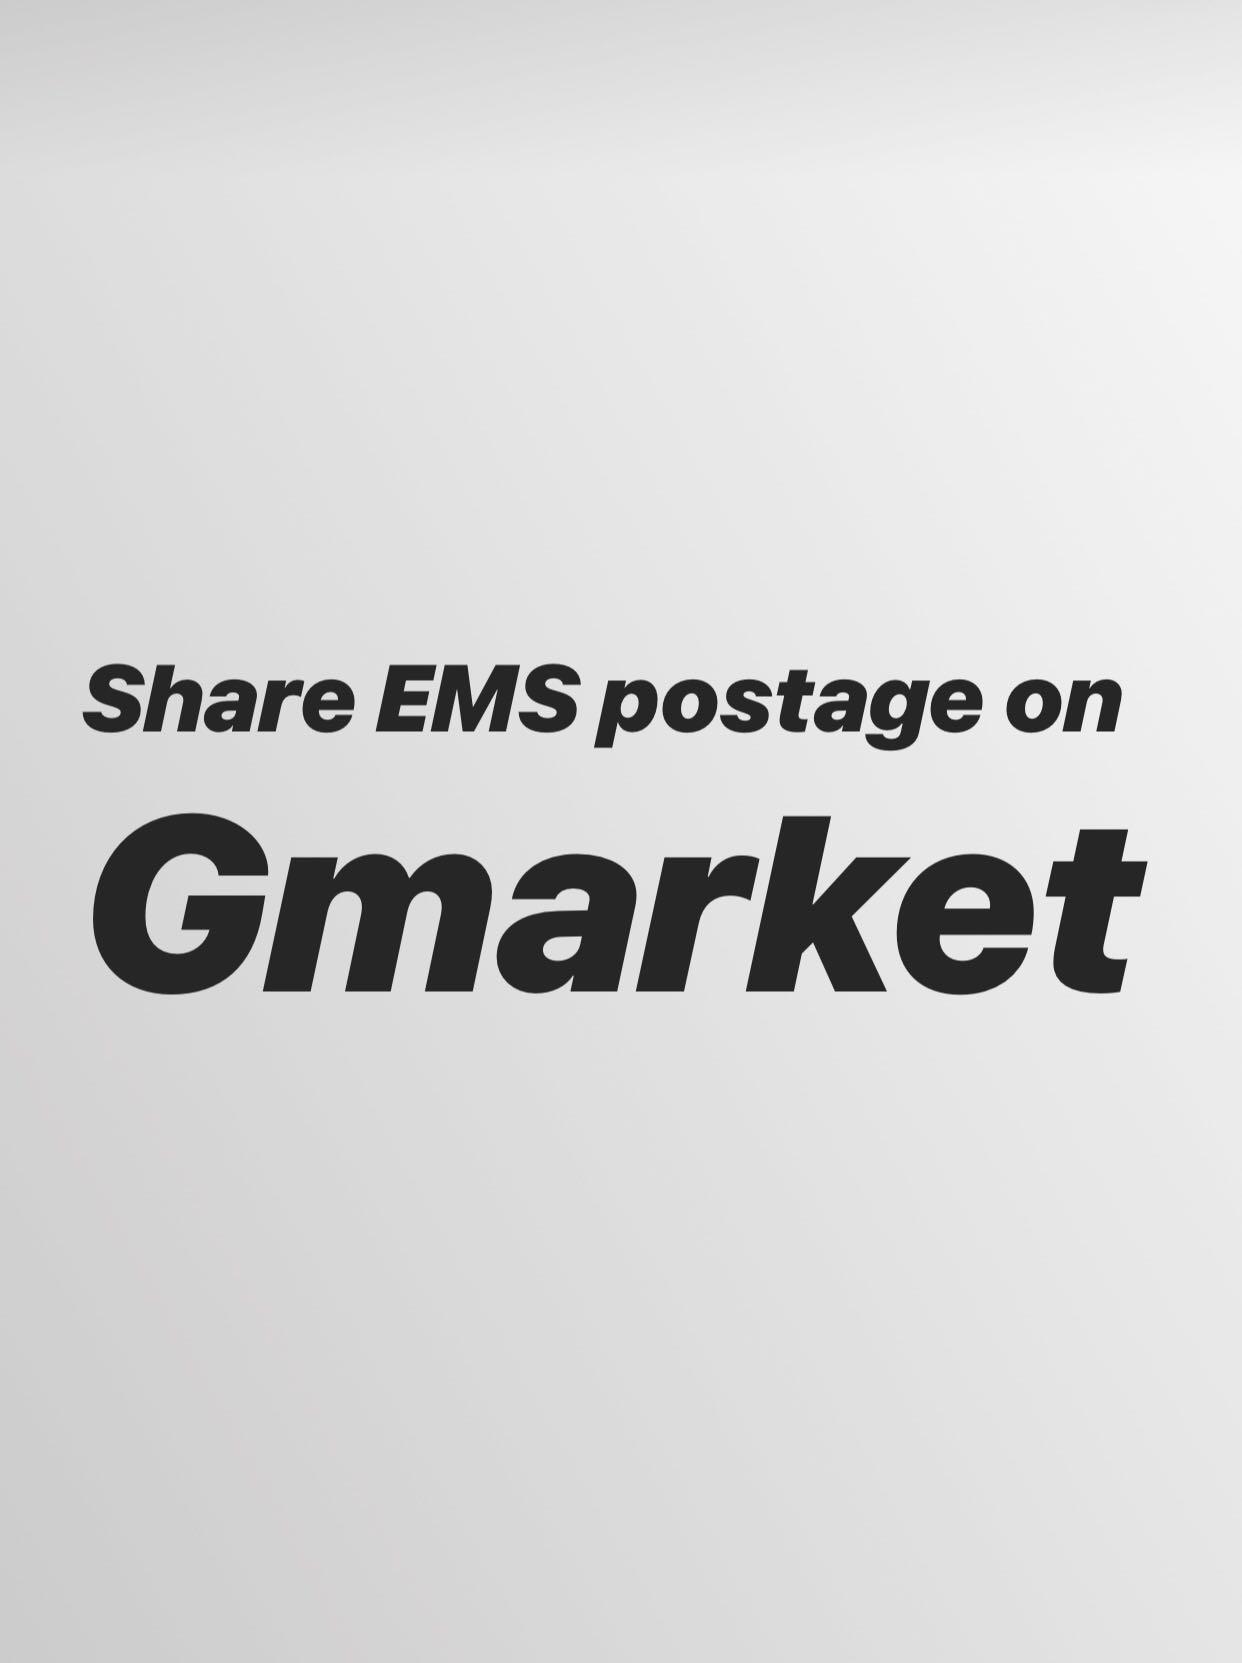 Share EMS on Gmarket